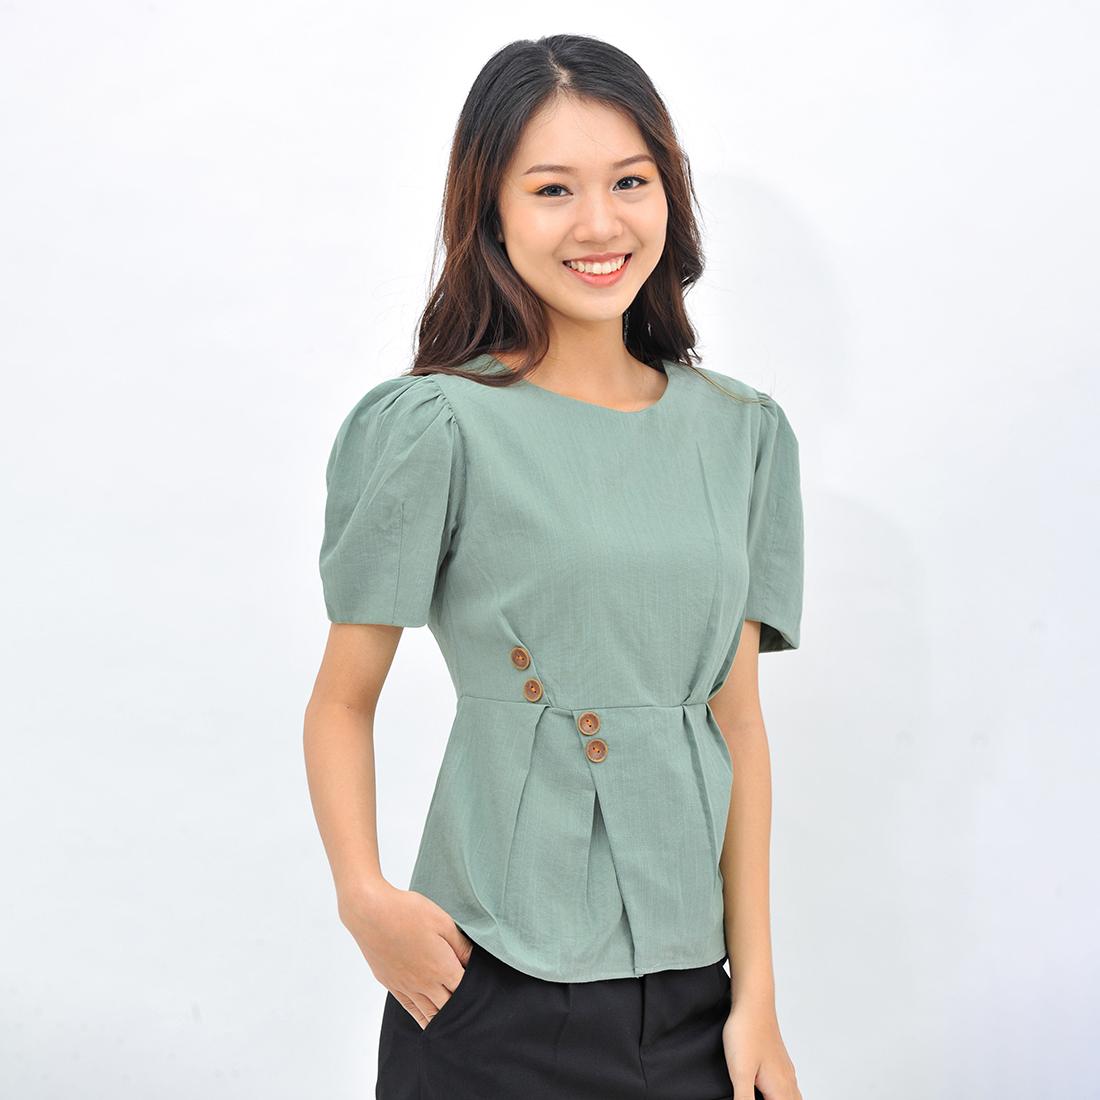 Áo kiểu nữ công sở thời trang Eden cổ tròn xếp li eo phối nút. Chất liệu mềm mại, không nhăn - ASM098